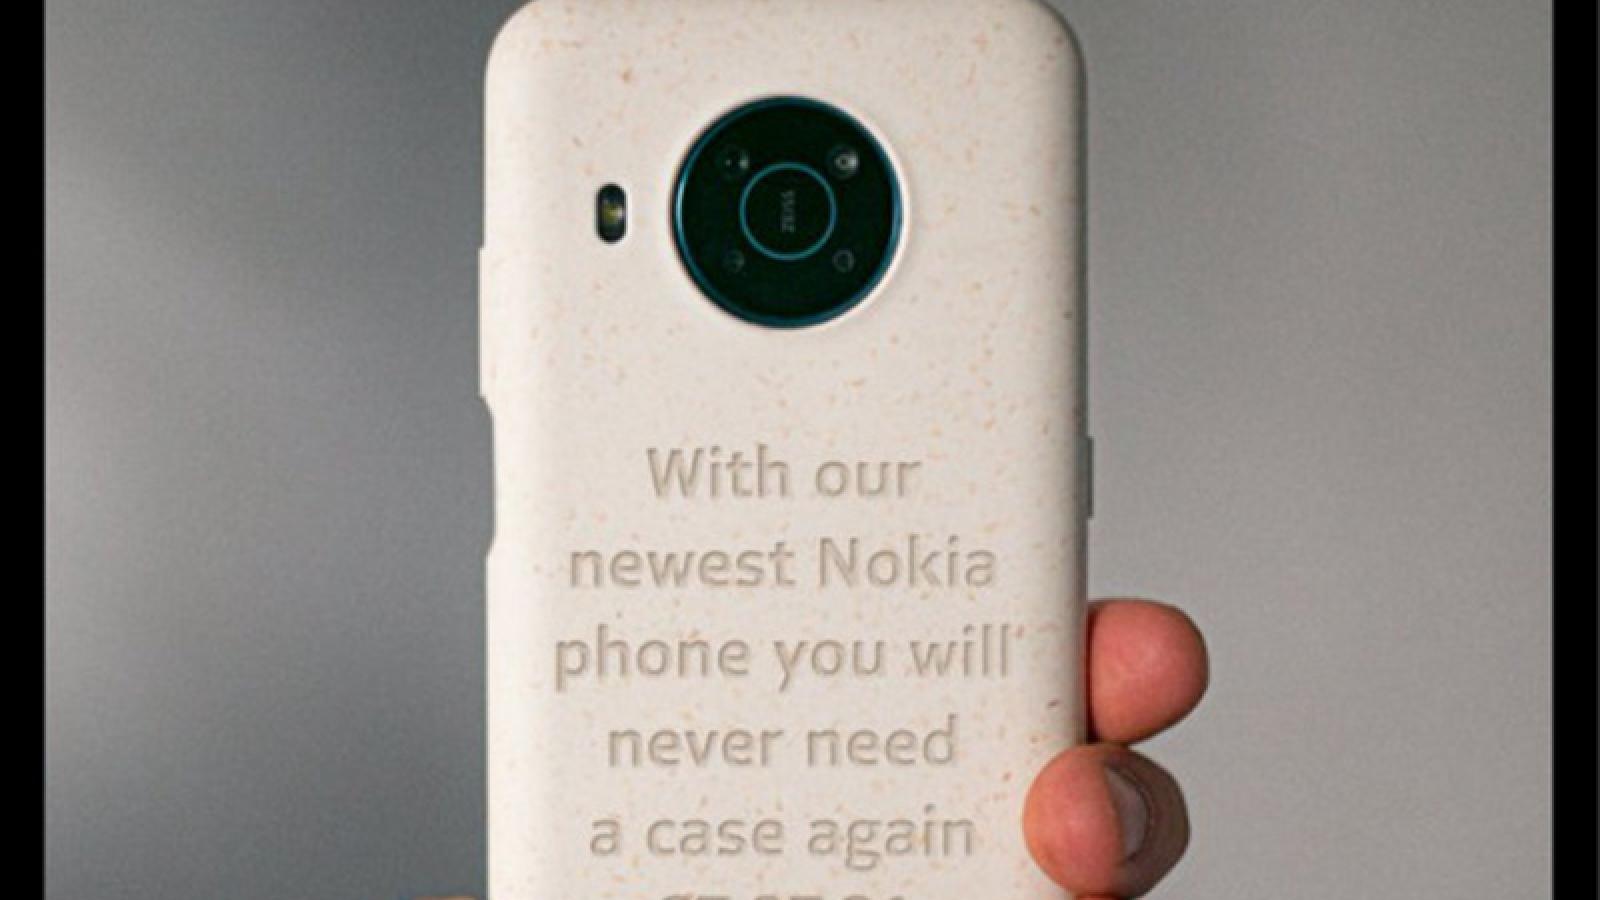 Nokia gợi ý sắp tung smartphone siêu bền bỉ